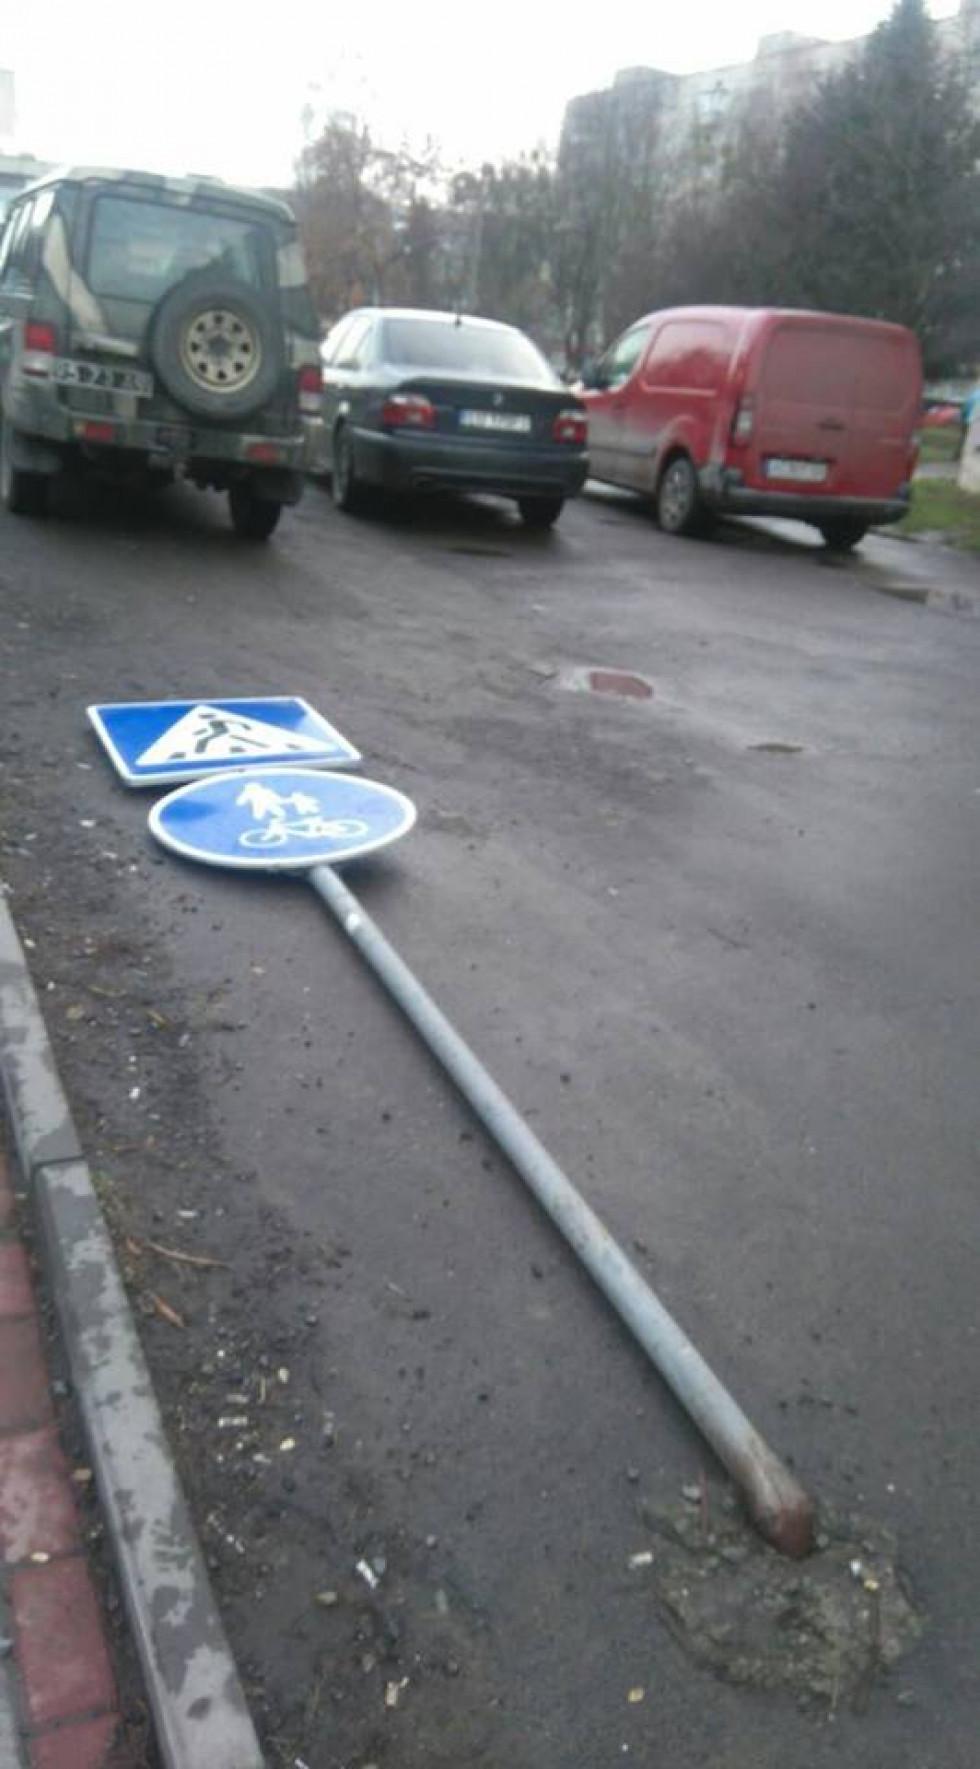 Спочатку знаки були трішки нахилені, а потім взагалі впали